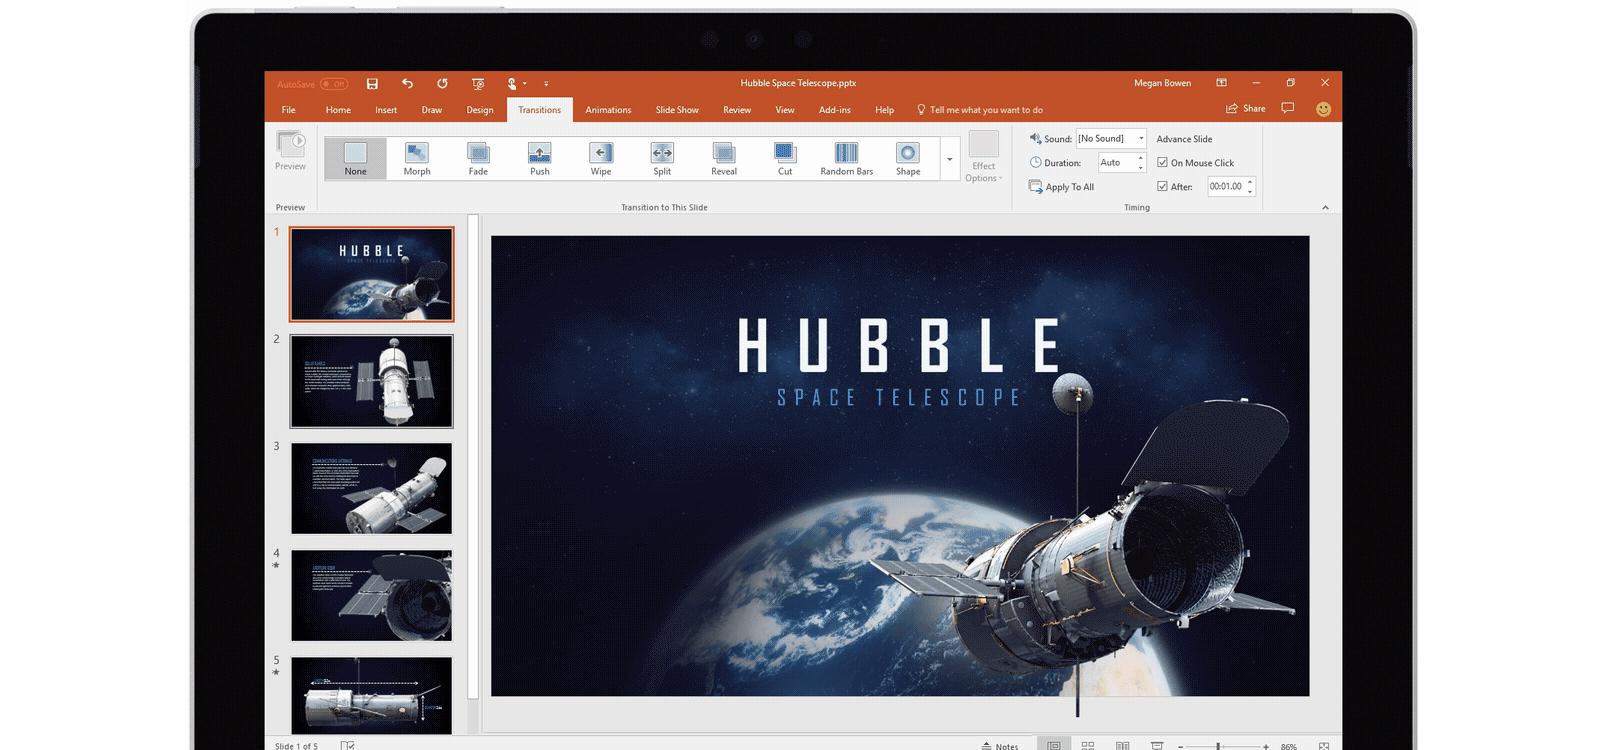 Οθόνη tablet που εμφανίζει τη Μεταμόρφωση να χρησιμοποιείται σε μια παρουσίαση του PowerPoint σχετικά με τα διαστημικά τηλεσκόπια